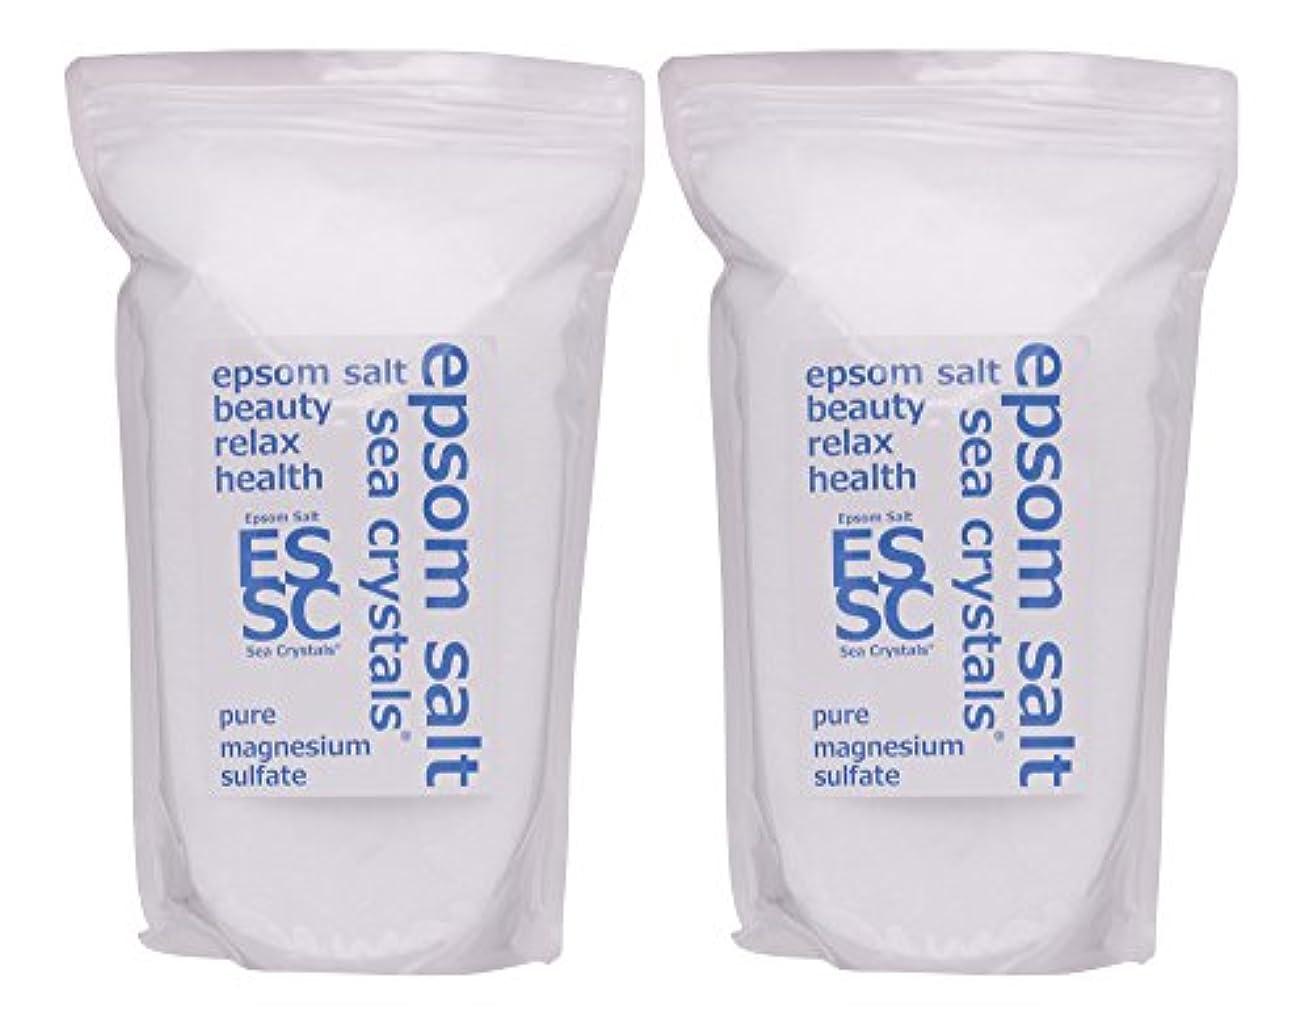 苦行フロント擬人化シークリスタルス 国産 エプソムソルト (硫酸マグネシウム) 入浴剤 4.4㎏ (2.2kgX2) 浴用化粧品 計量スプーン付 無香料